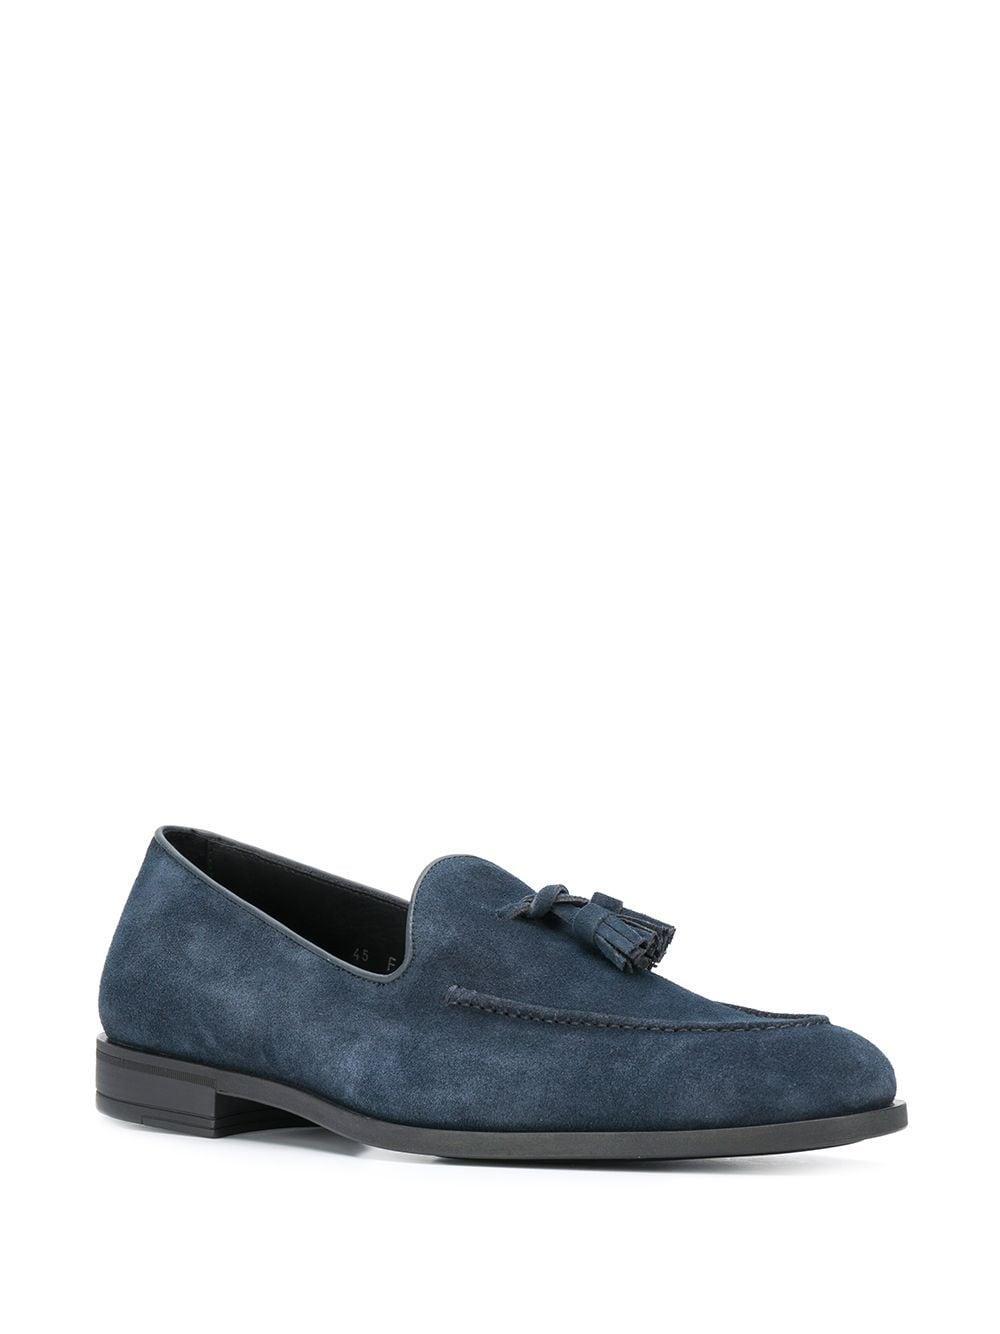 Mocasines con detalles de borlas Harry's Of London de Cuero de color Azul para hombre